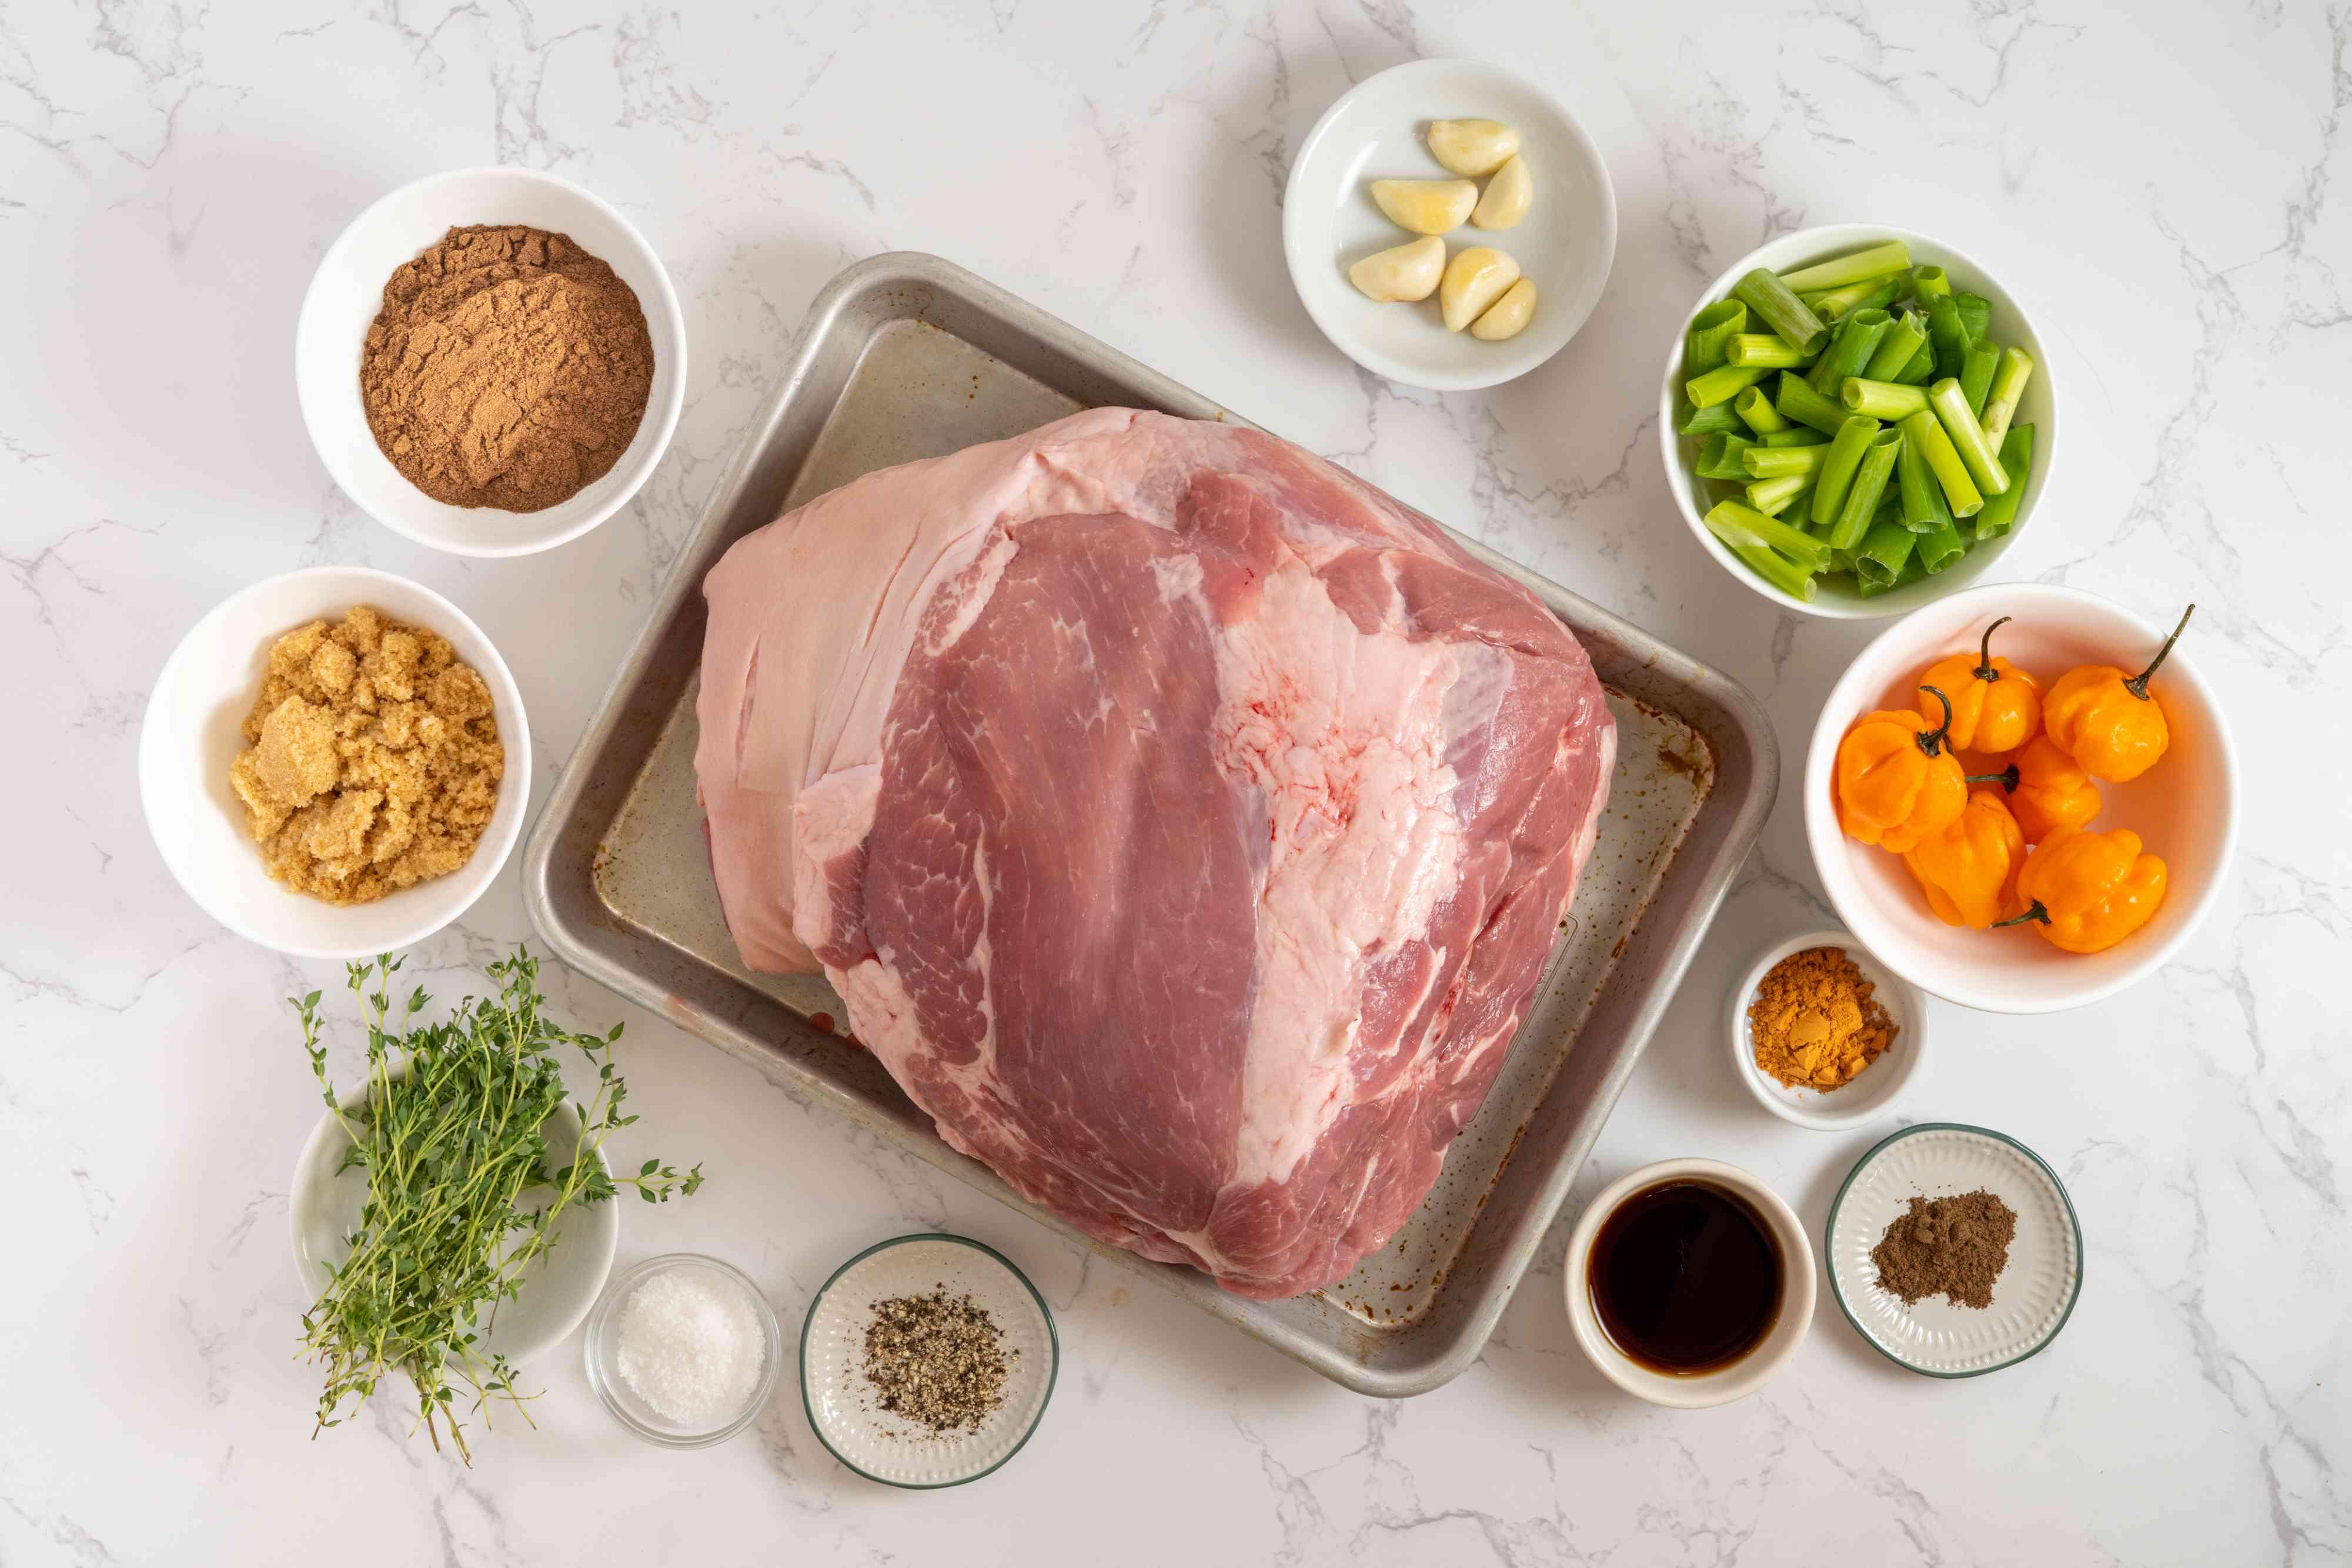 Jamaican Oven Jerk Pork Shoulder ingredients